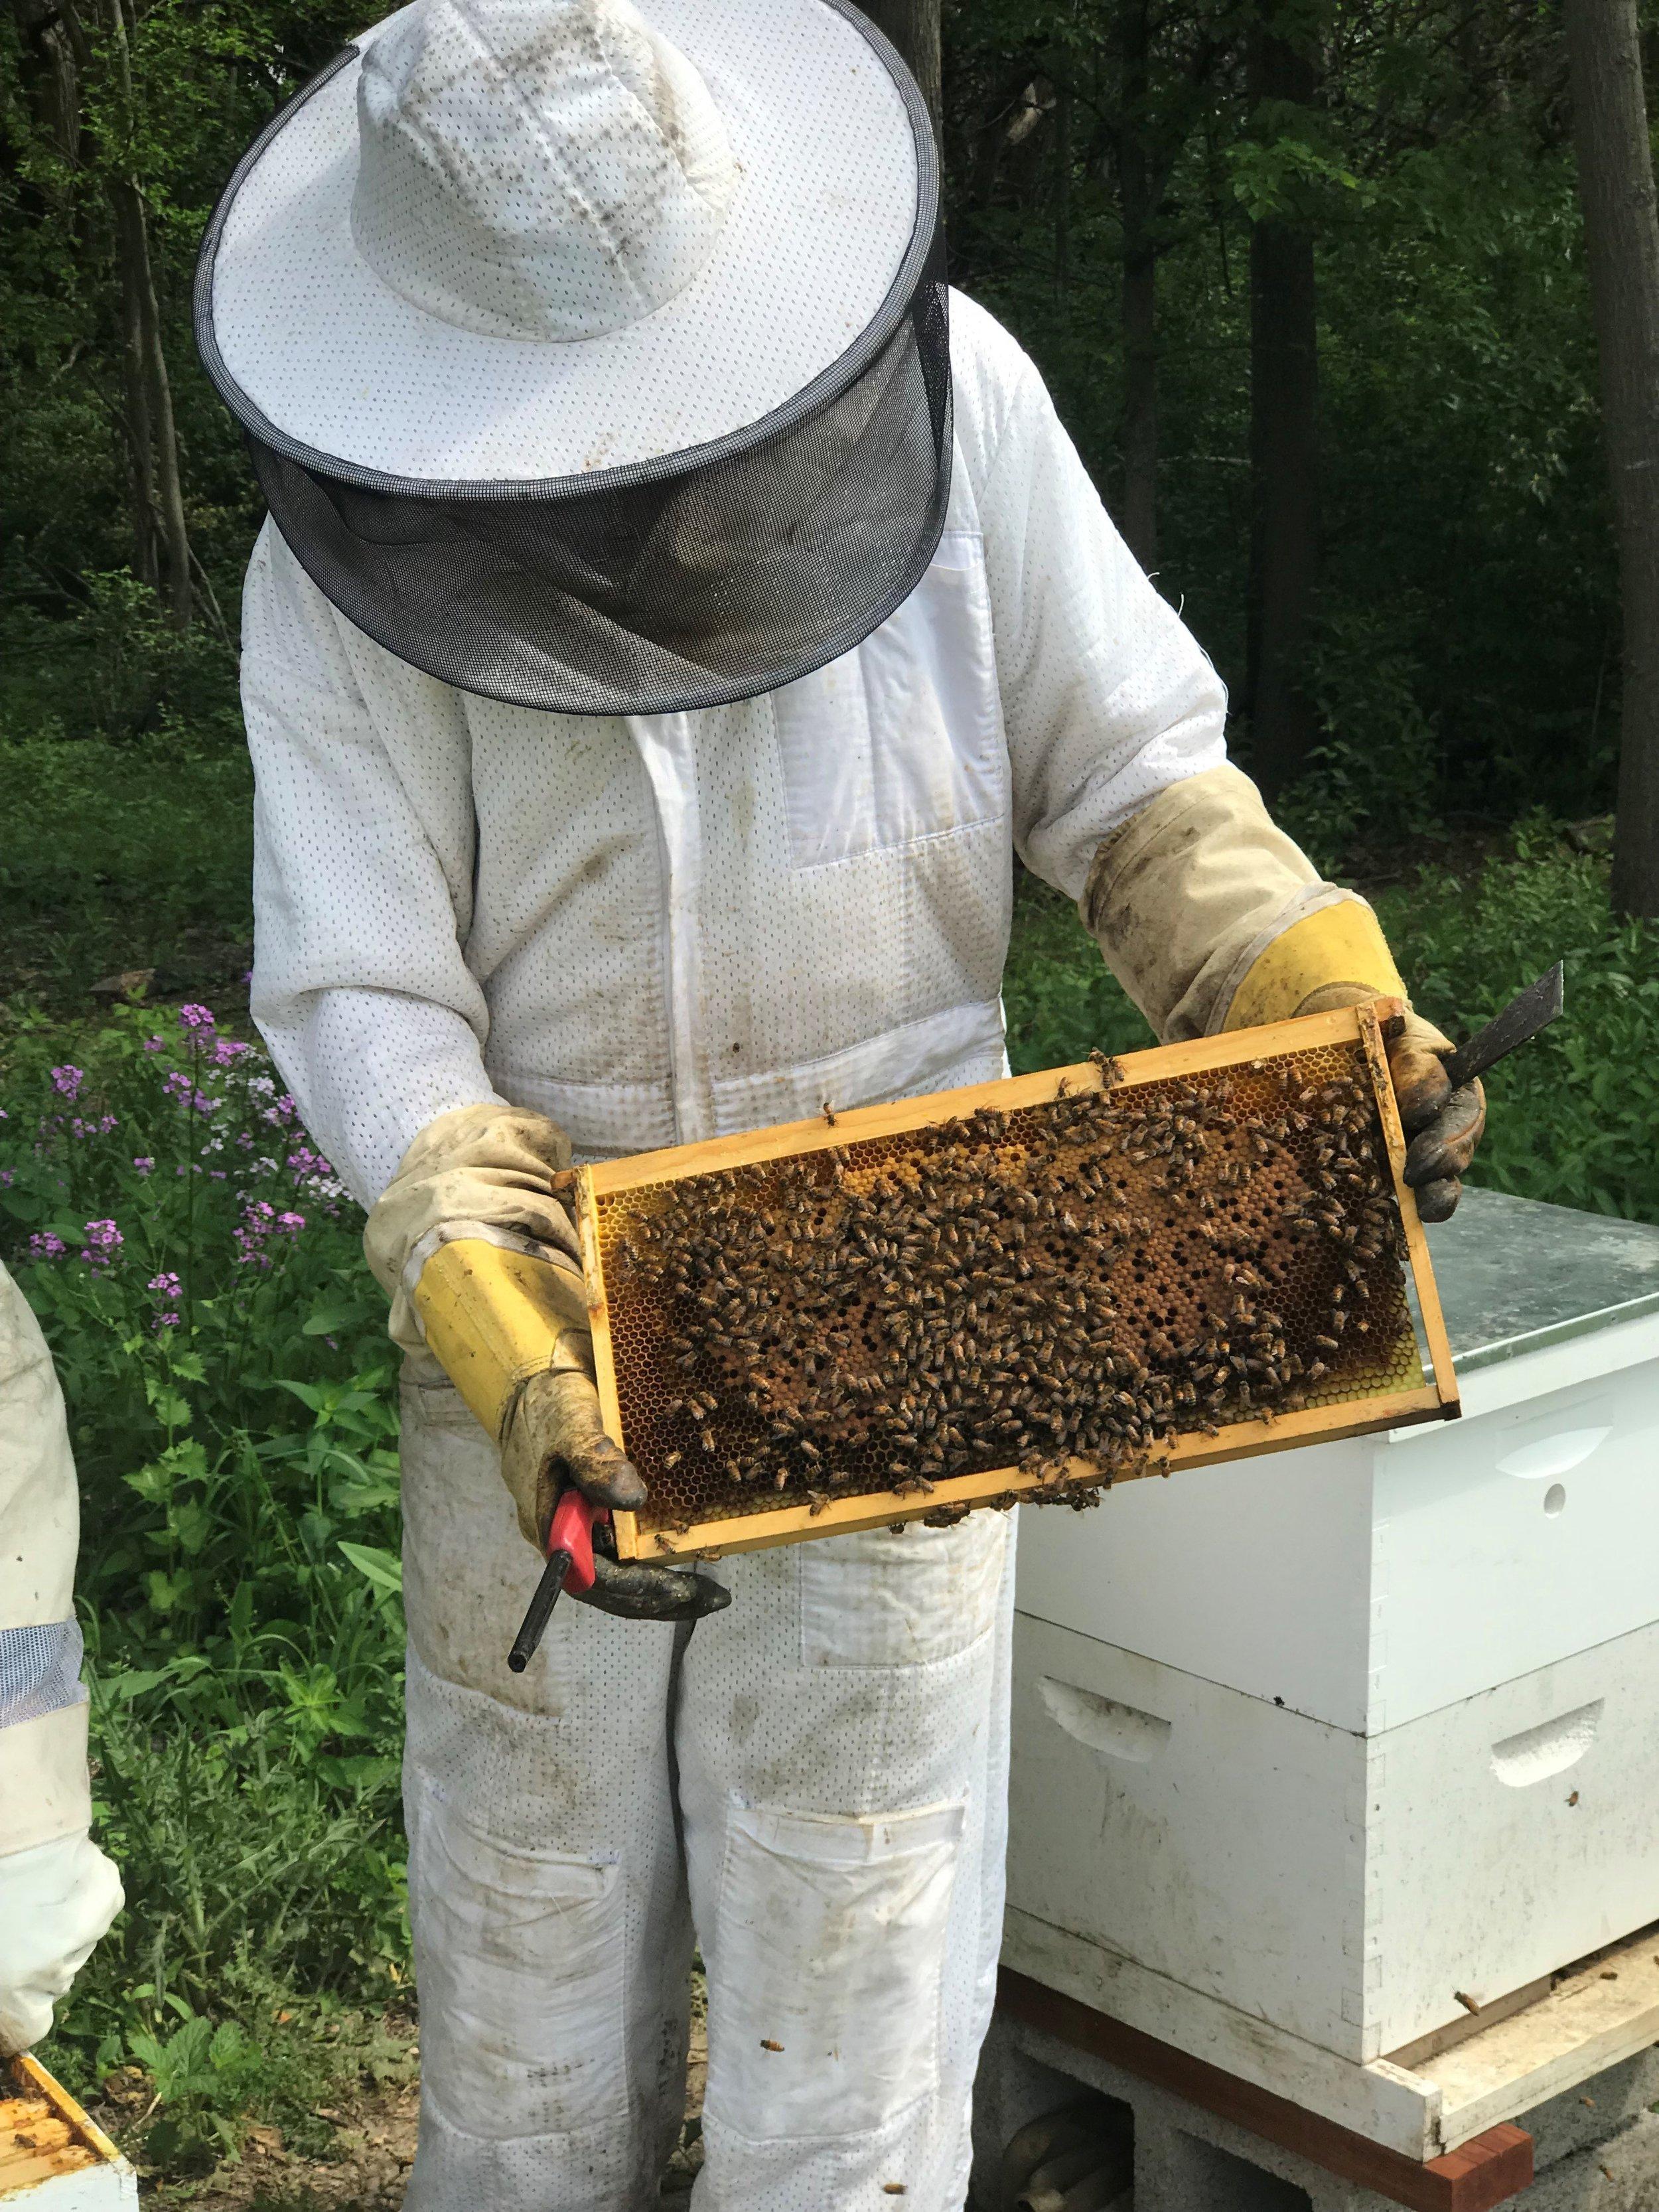 Bee keeper Mike Bock examines the health of COD's honeybees